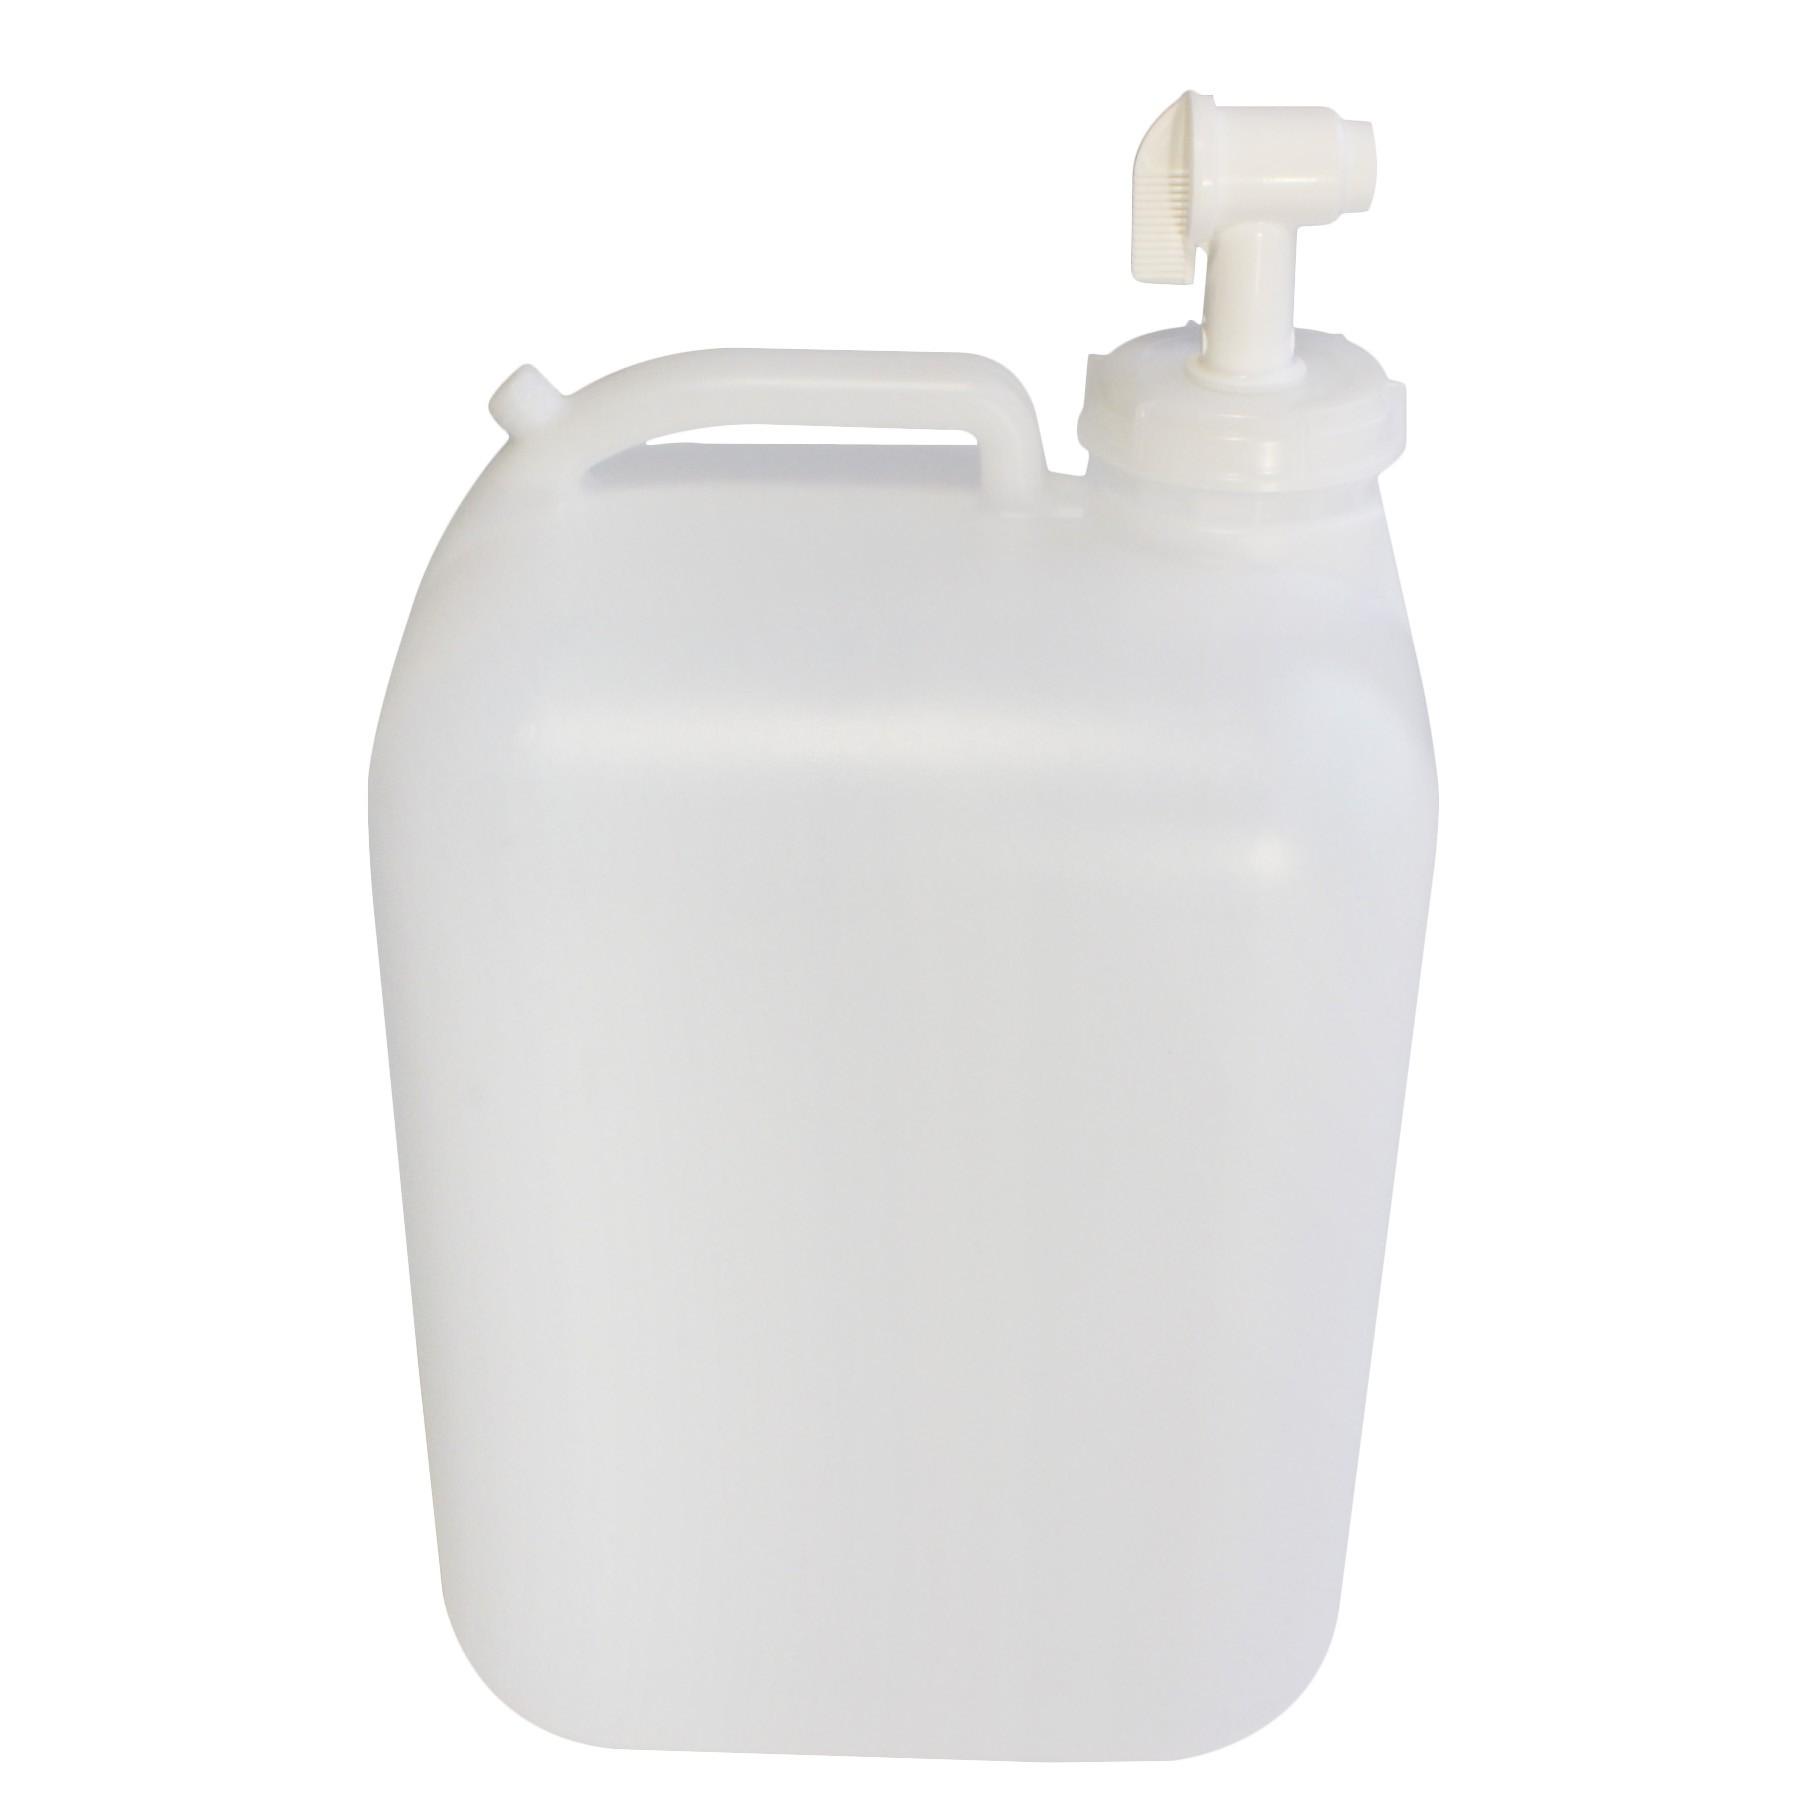 5 gallon water jug with faucet 5 gallon water jug with faucet 5 gallon water jug with spigot peppereyes 1801 x 1801